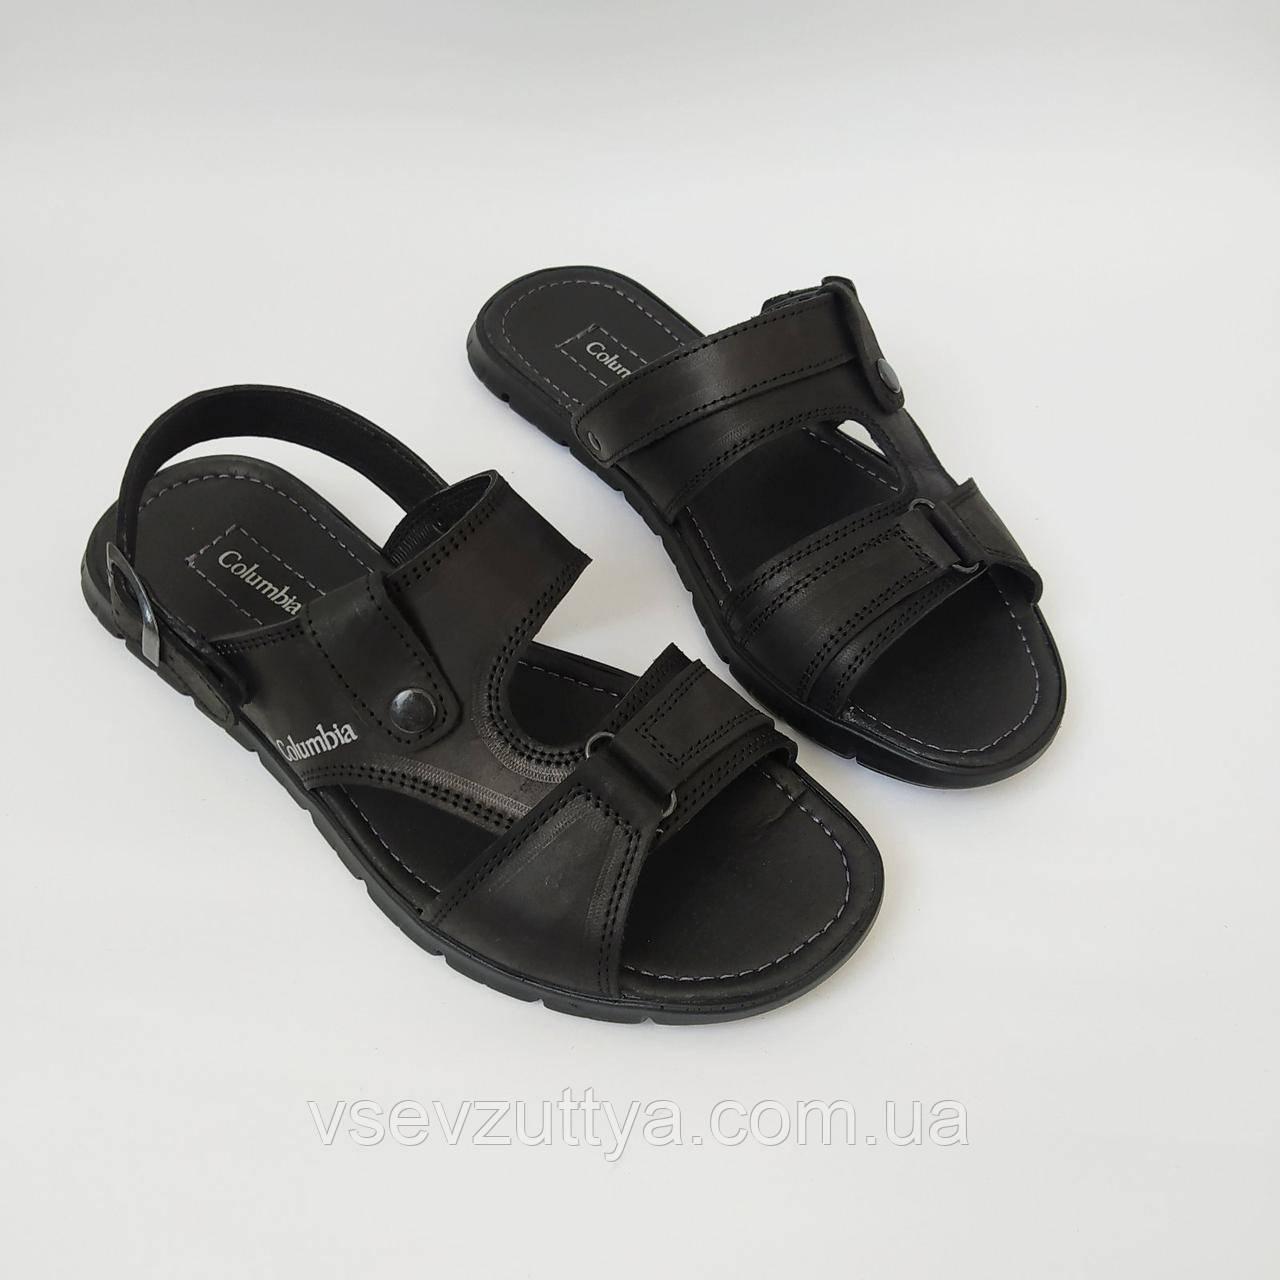 Босоніжки, сандалі, шльопанці  чоловічі шкіряні чорні